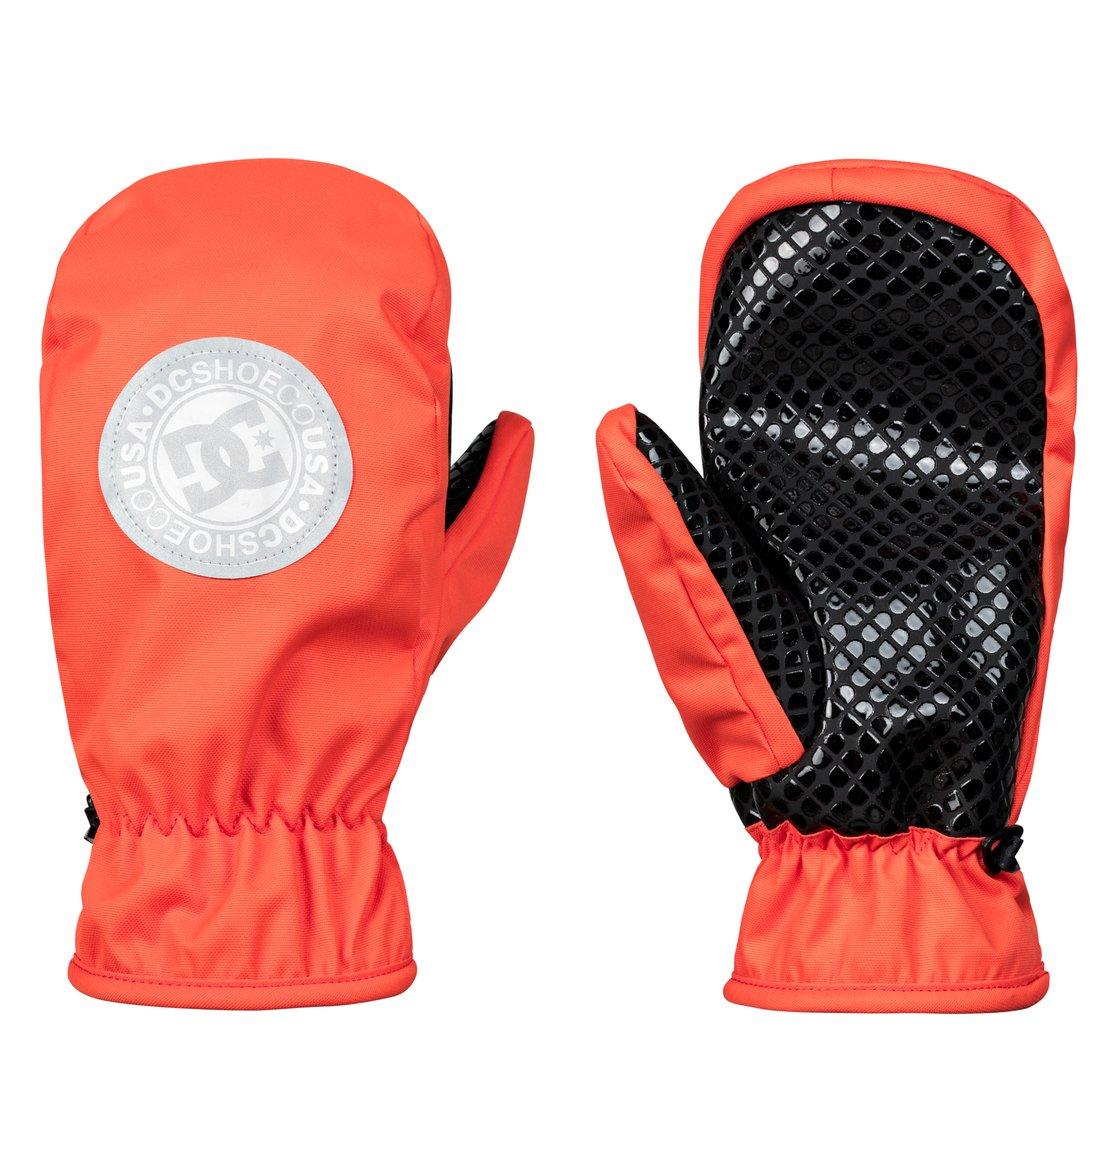 Für den Winter - DC Shelter Snowboard / Ski Handschuhe (Fäustlinge)